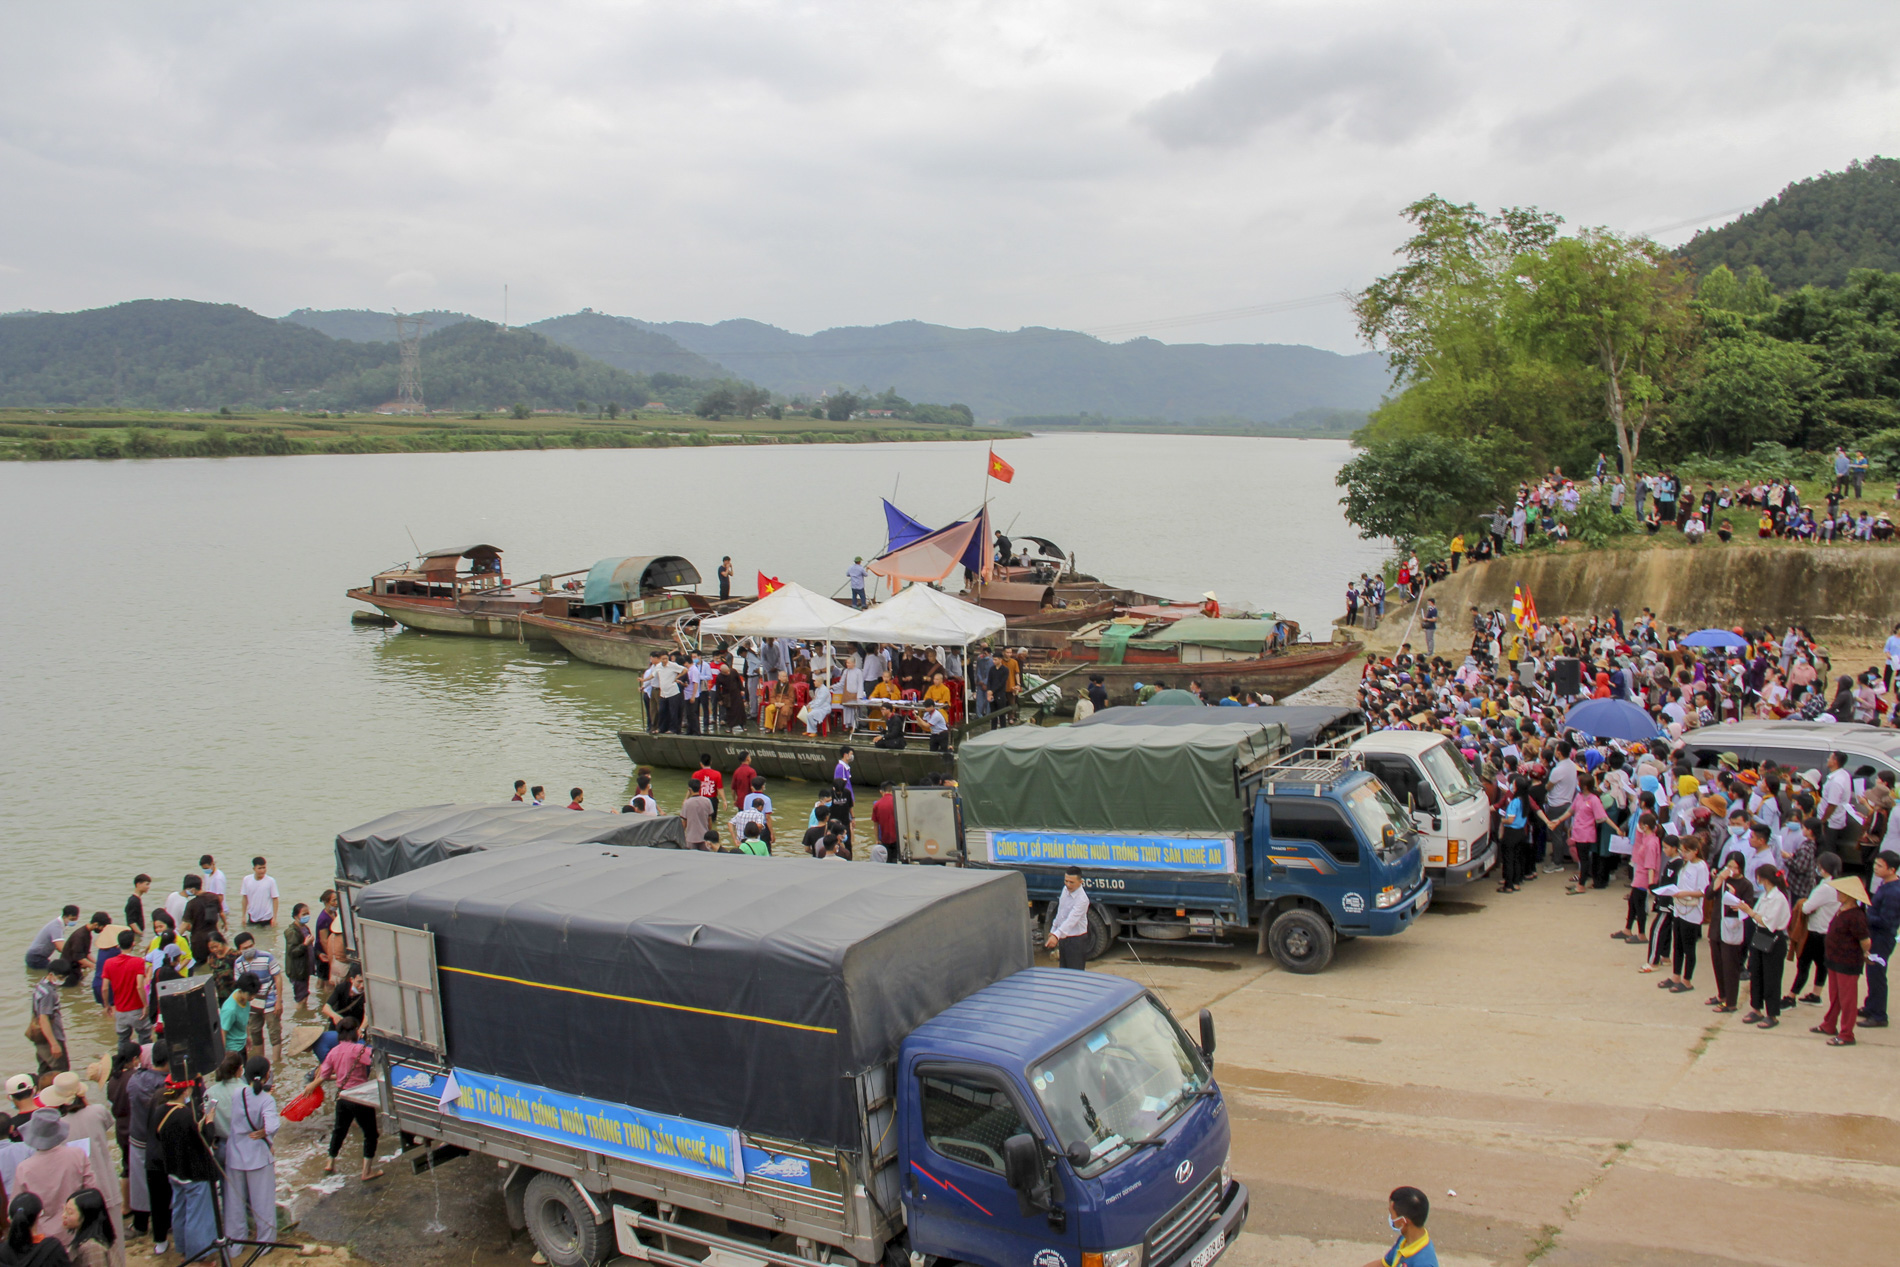 Hơn 10 tấn cá được phóng sinh trên quê hương Bác Hồ - Ảnh 1.